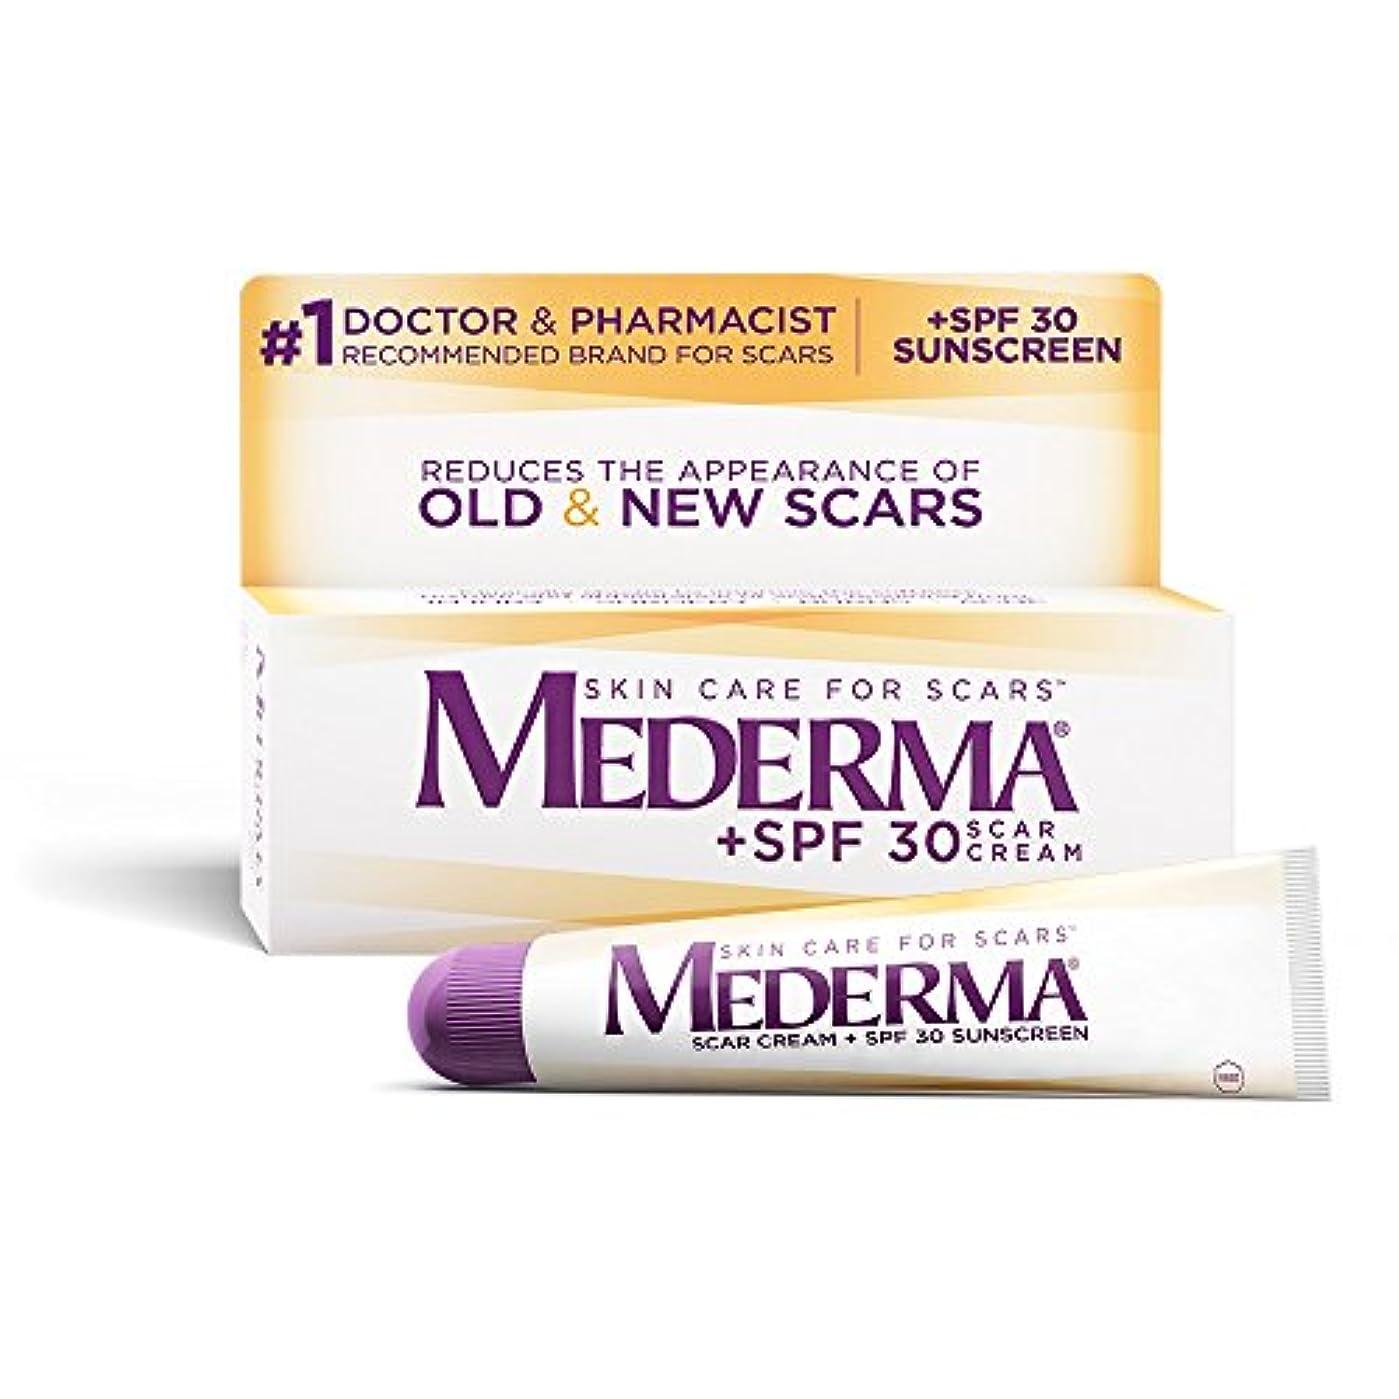 解任最悪寸前Mederma 社 日焼け止め成分SPF30配合 メドロマ(メデルマ) 1本 20g Mederma Scar Cream Plus SPF 30